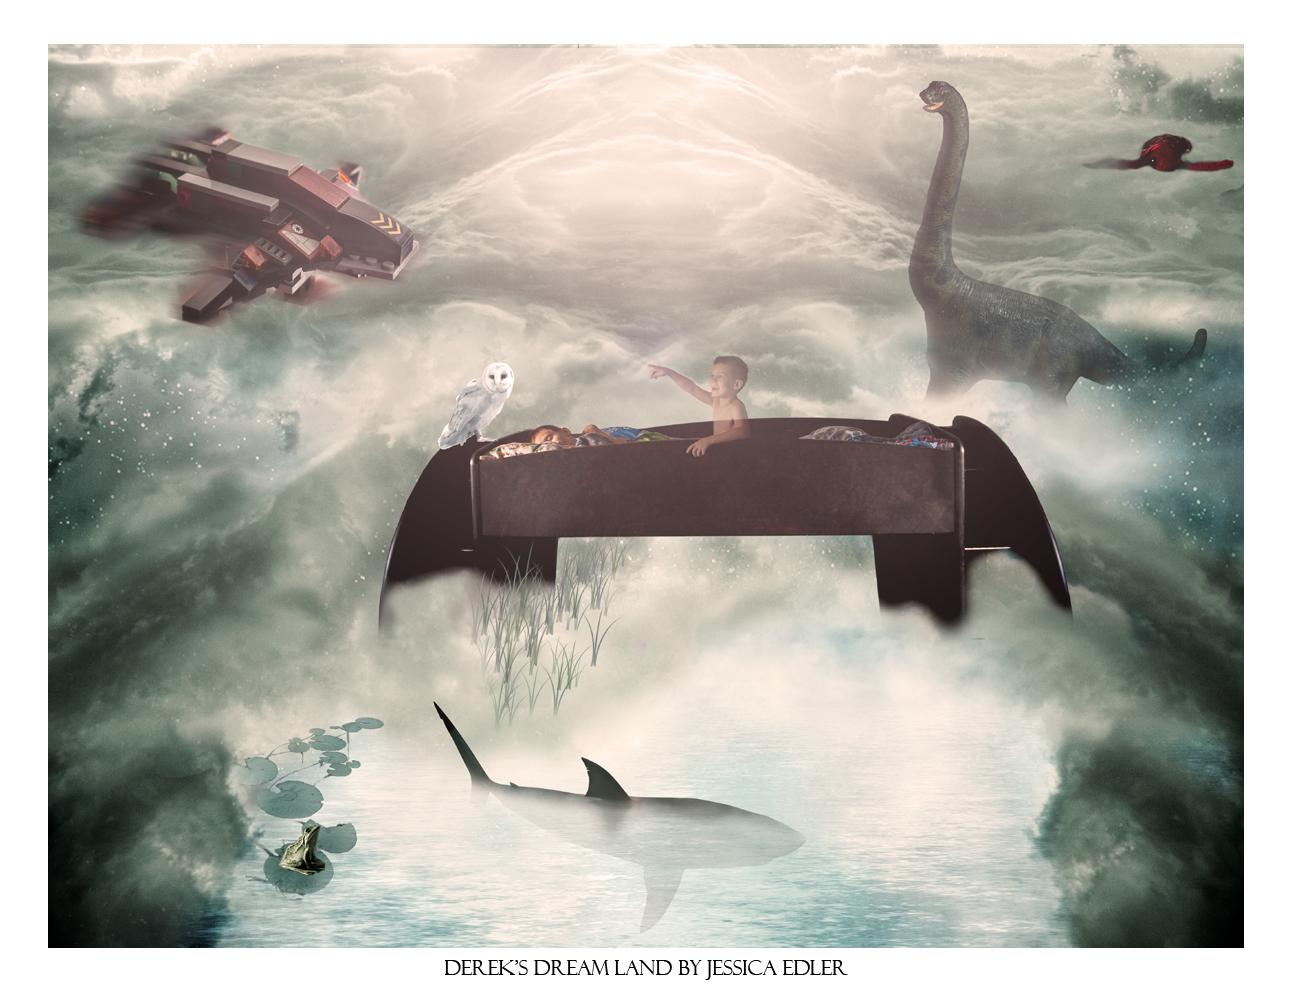 Derek's Dreamland by Jessica Edler